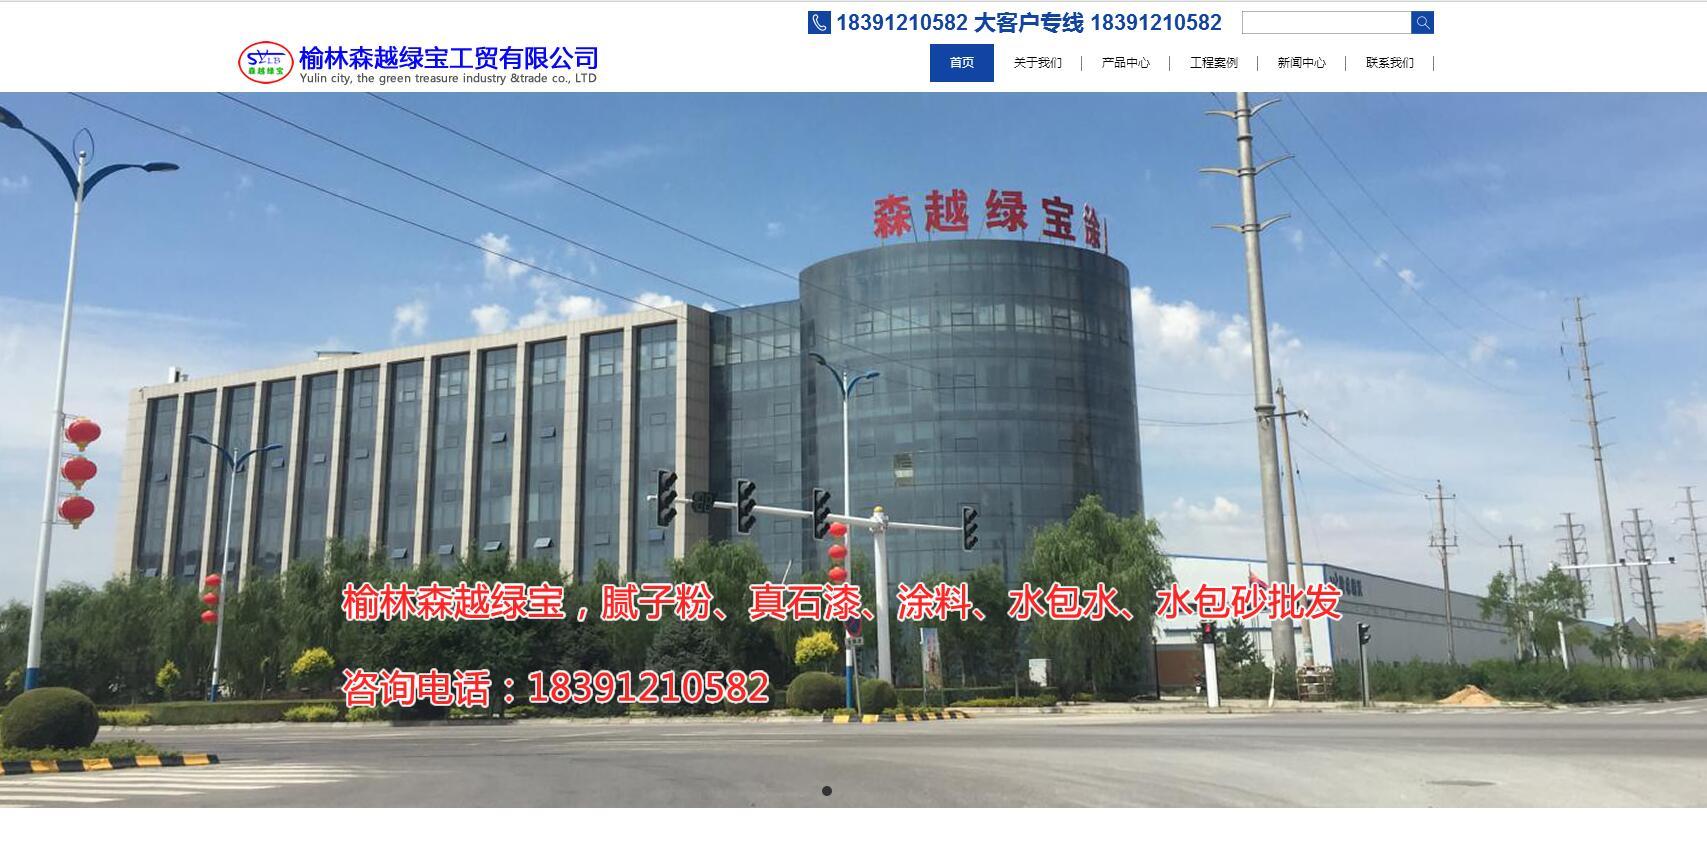 榆林腻子粉厂家向陕西、西安、榆林地区销售腻子粉、外墙腻子粉、真石漆、涂料,厂家批发,价格优惠